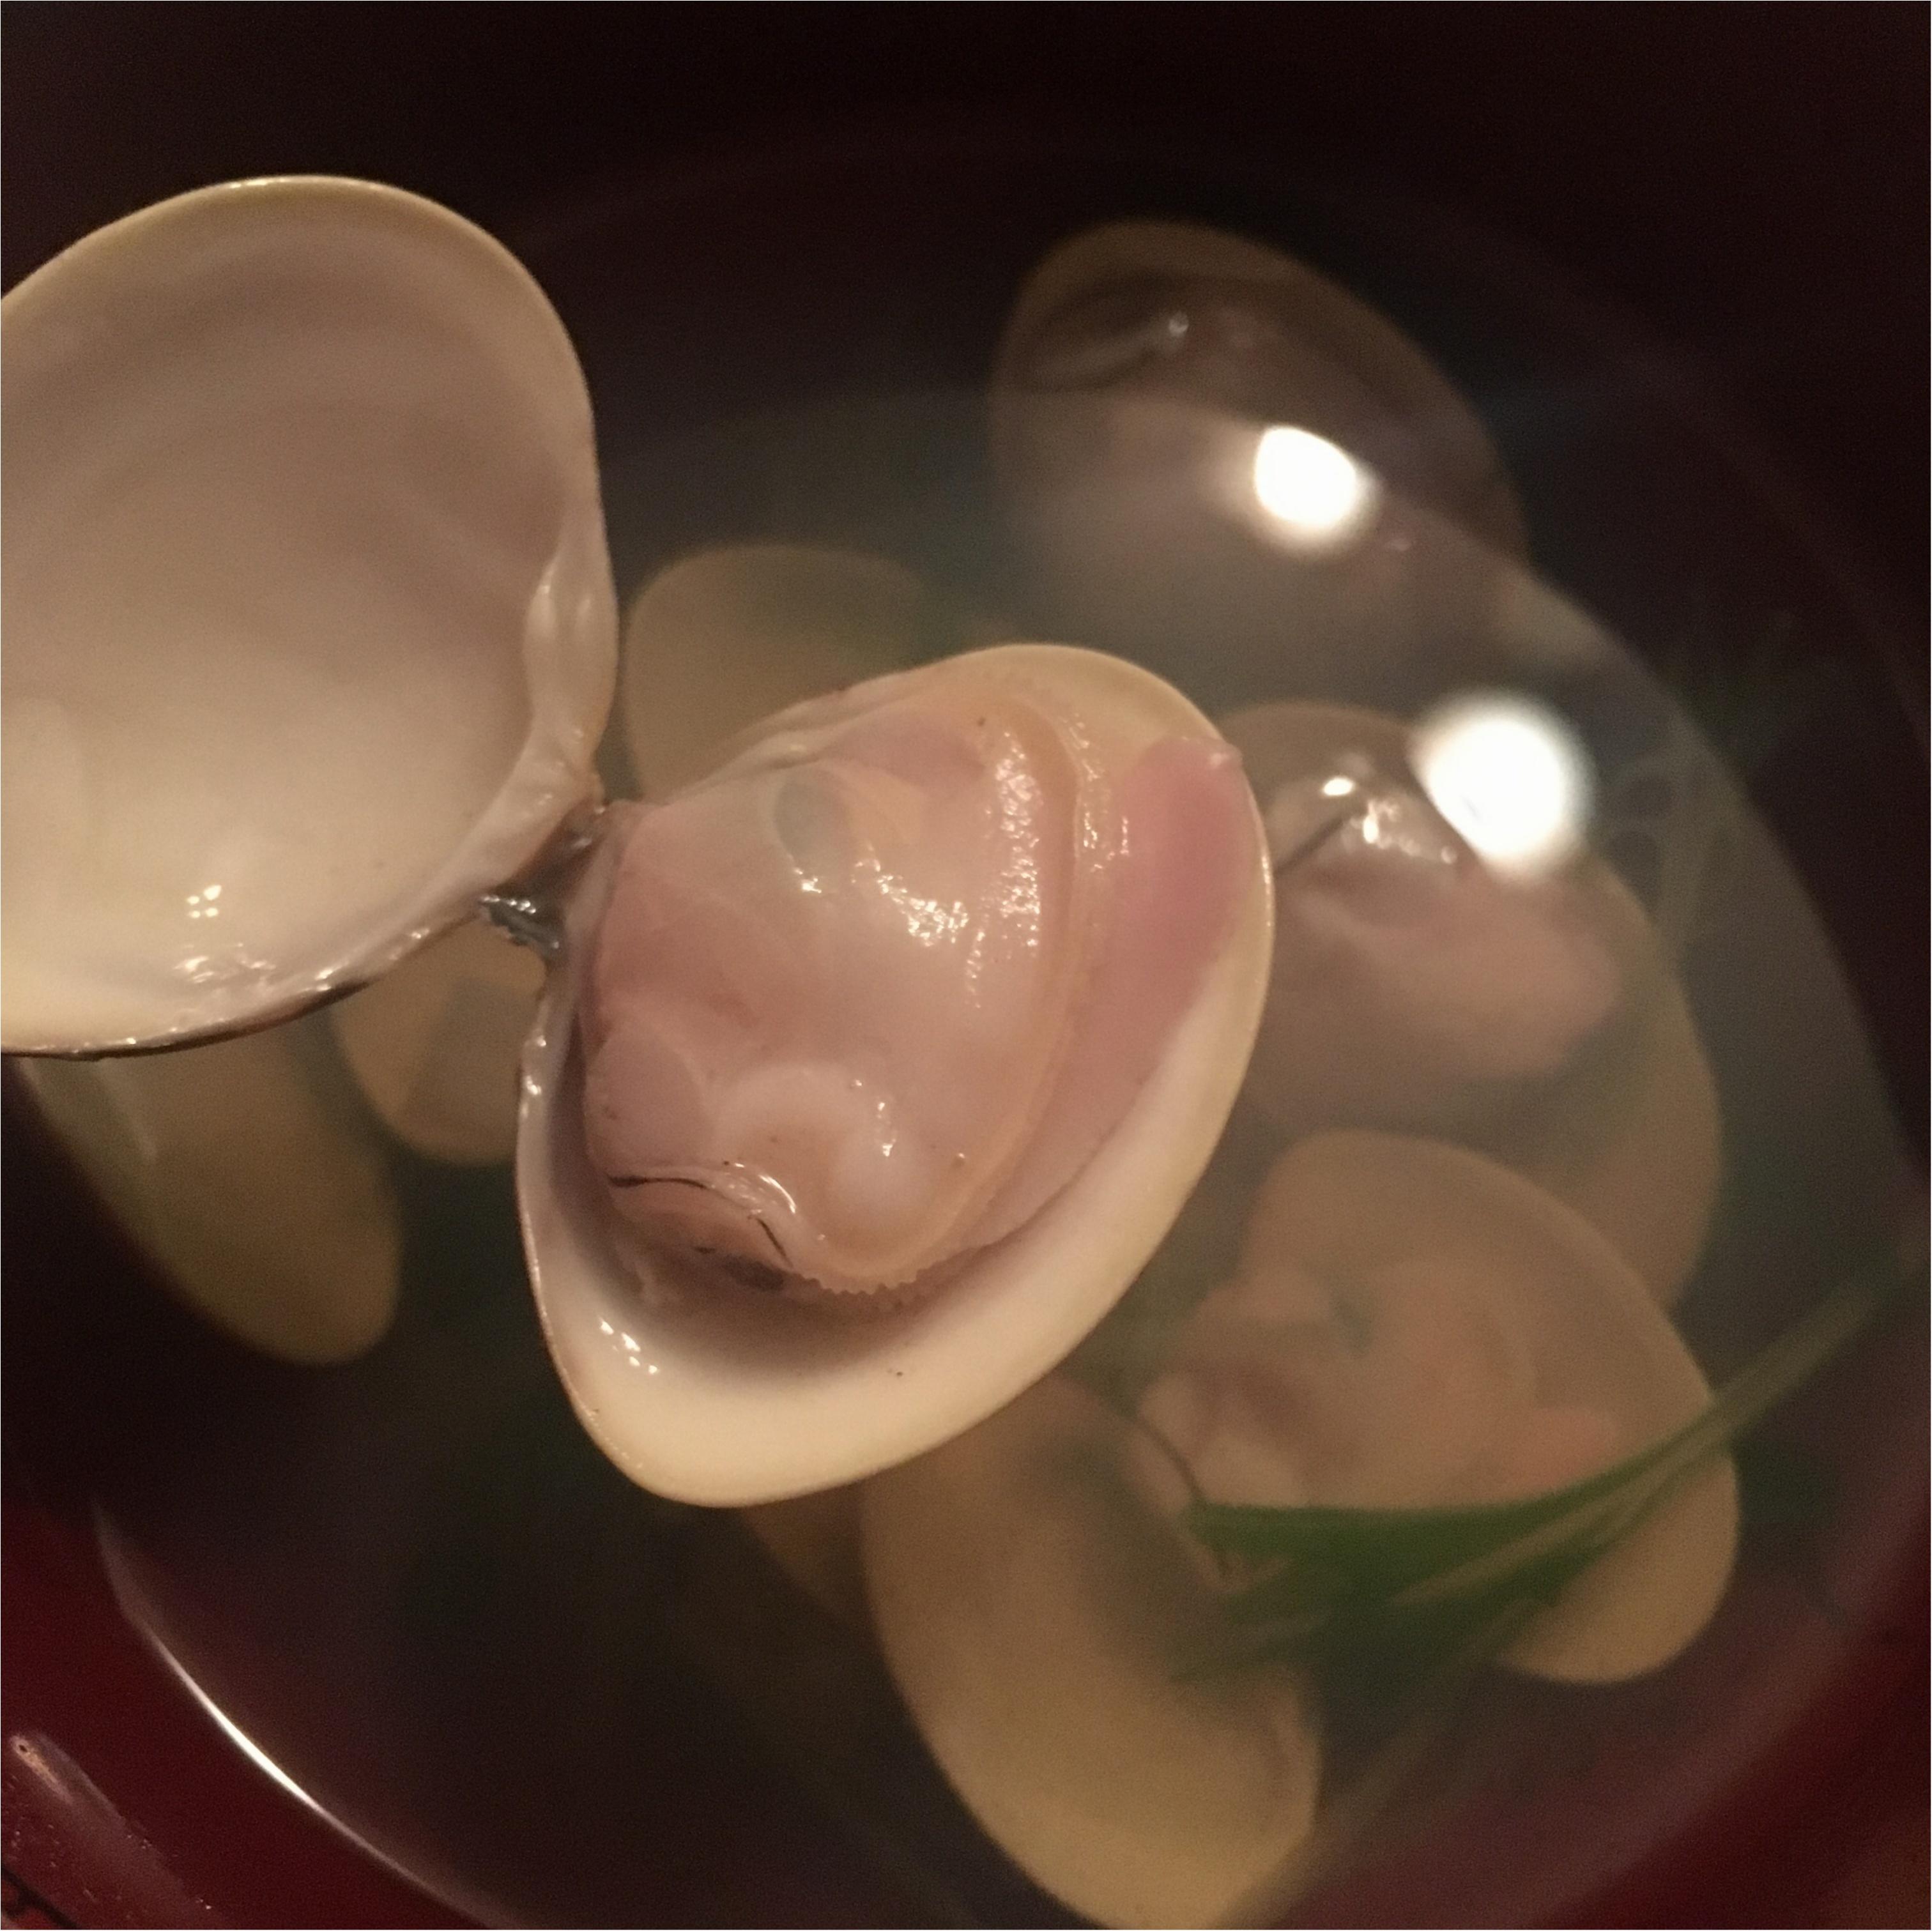 【映画】「君の膵臓をたべたい」難病ものが苦手な方にも。というキャッチに納得!話題のキミスイ観てきました_1